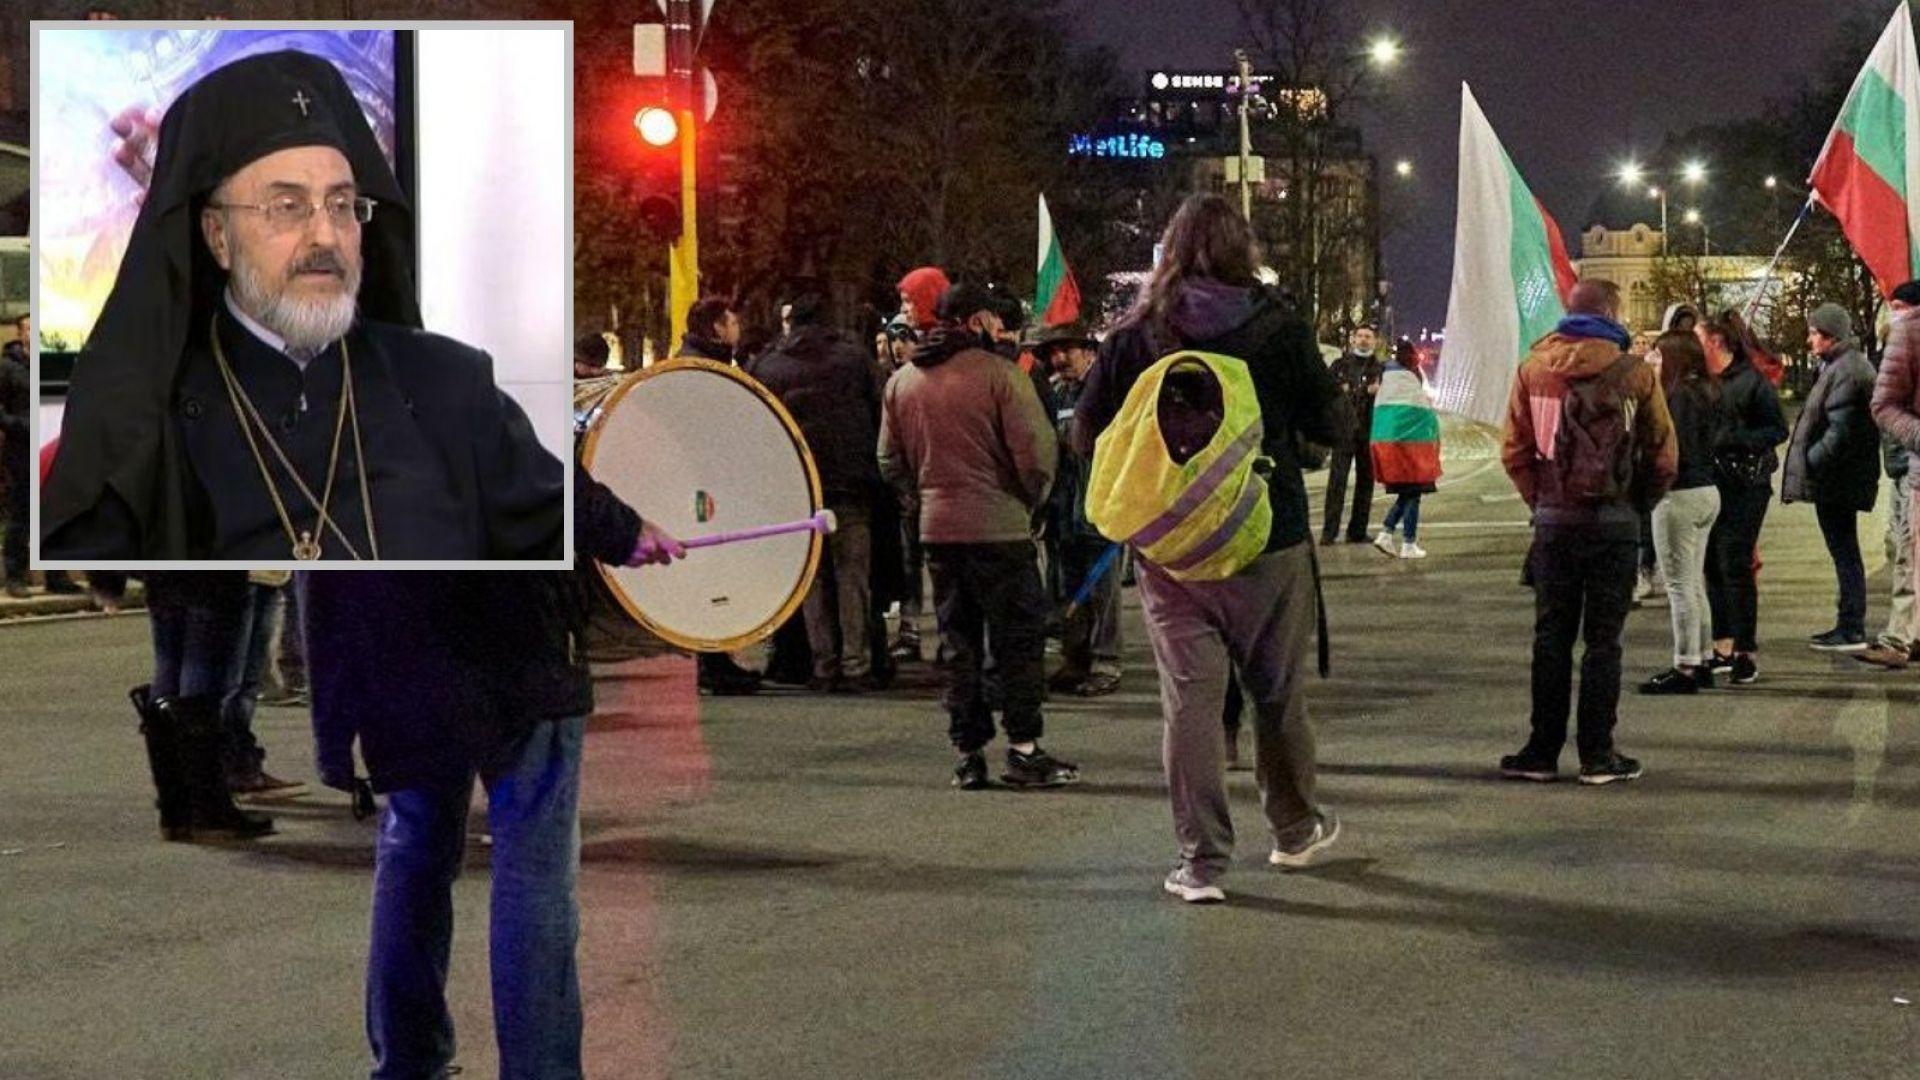 Христофор Събев: Няма до кого да застана на протестите - едни комунисти искаха оставката на други